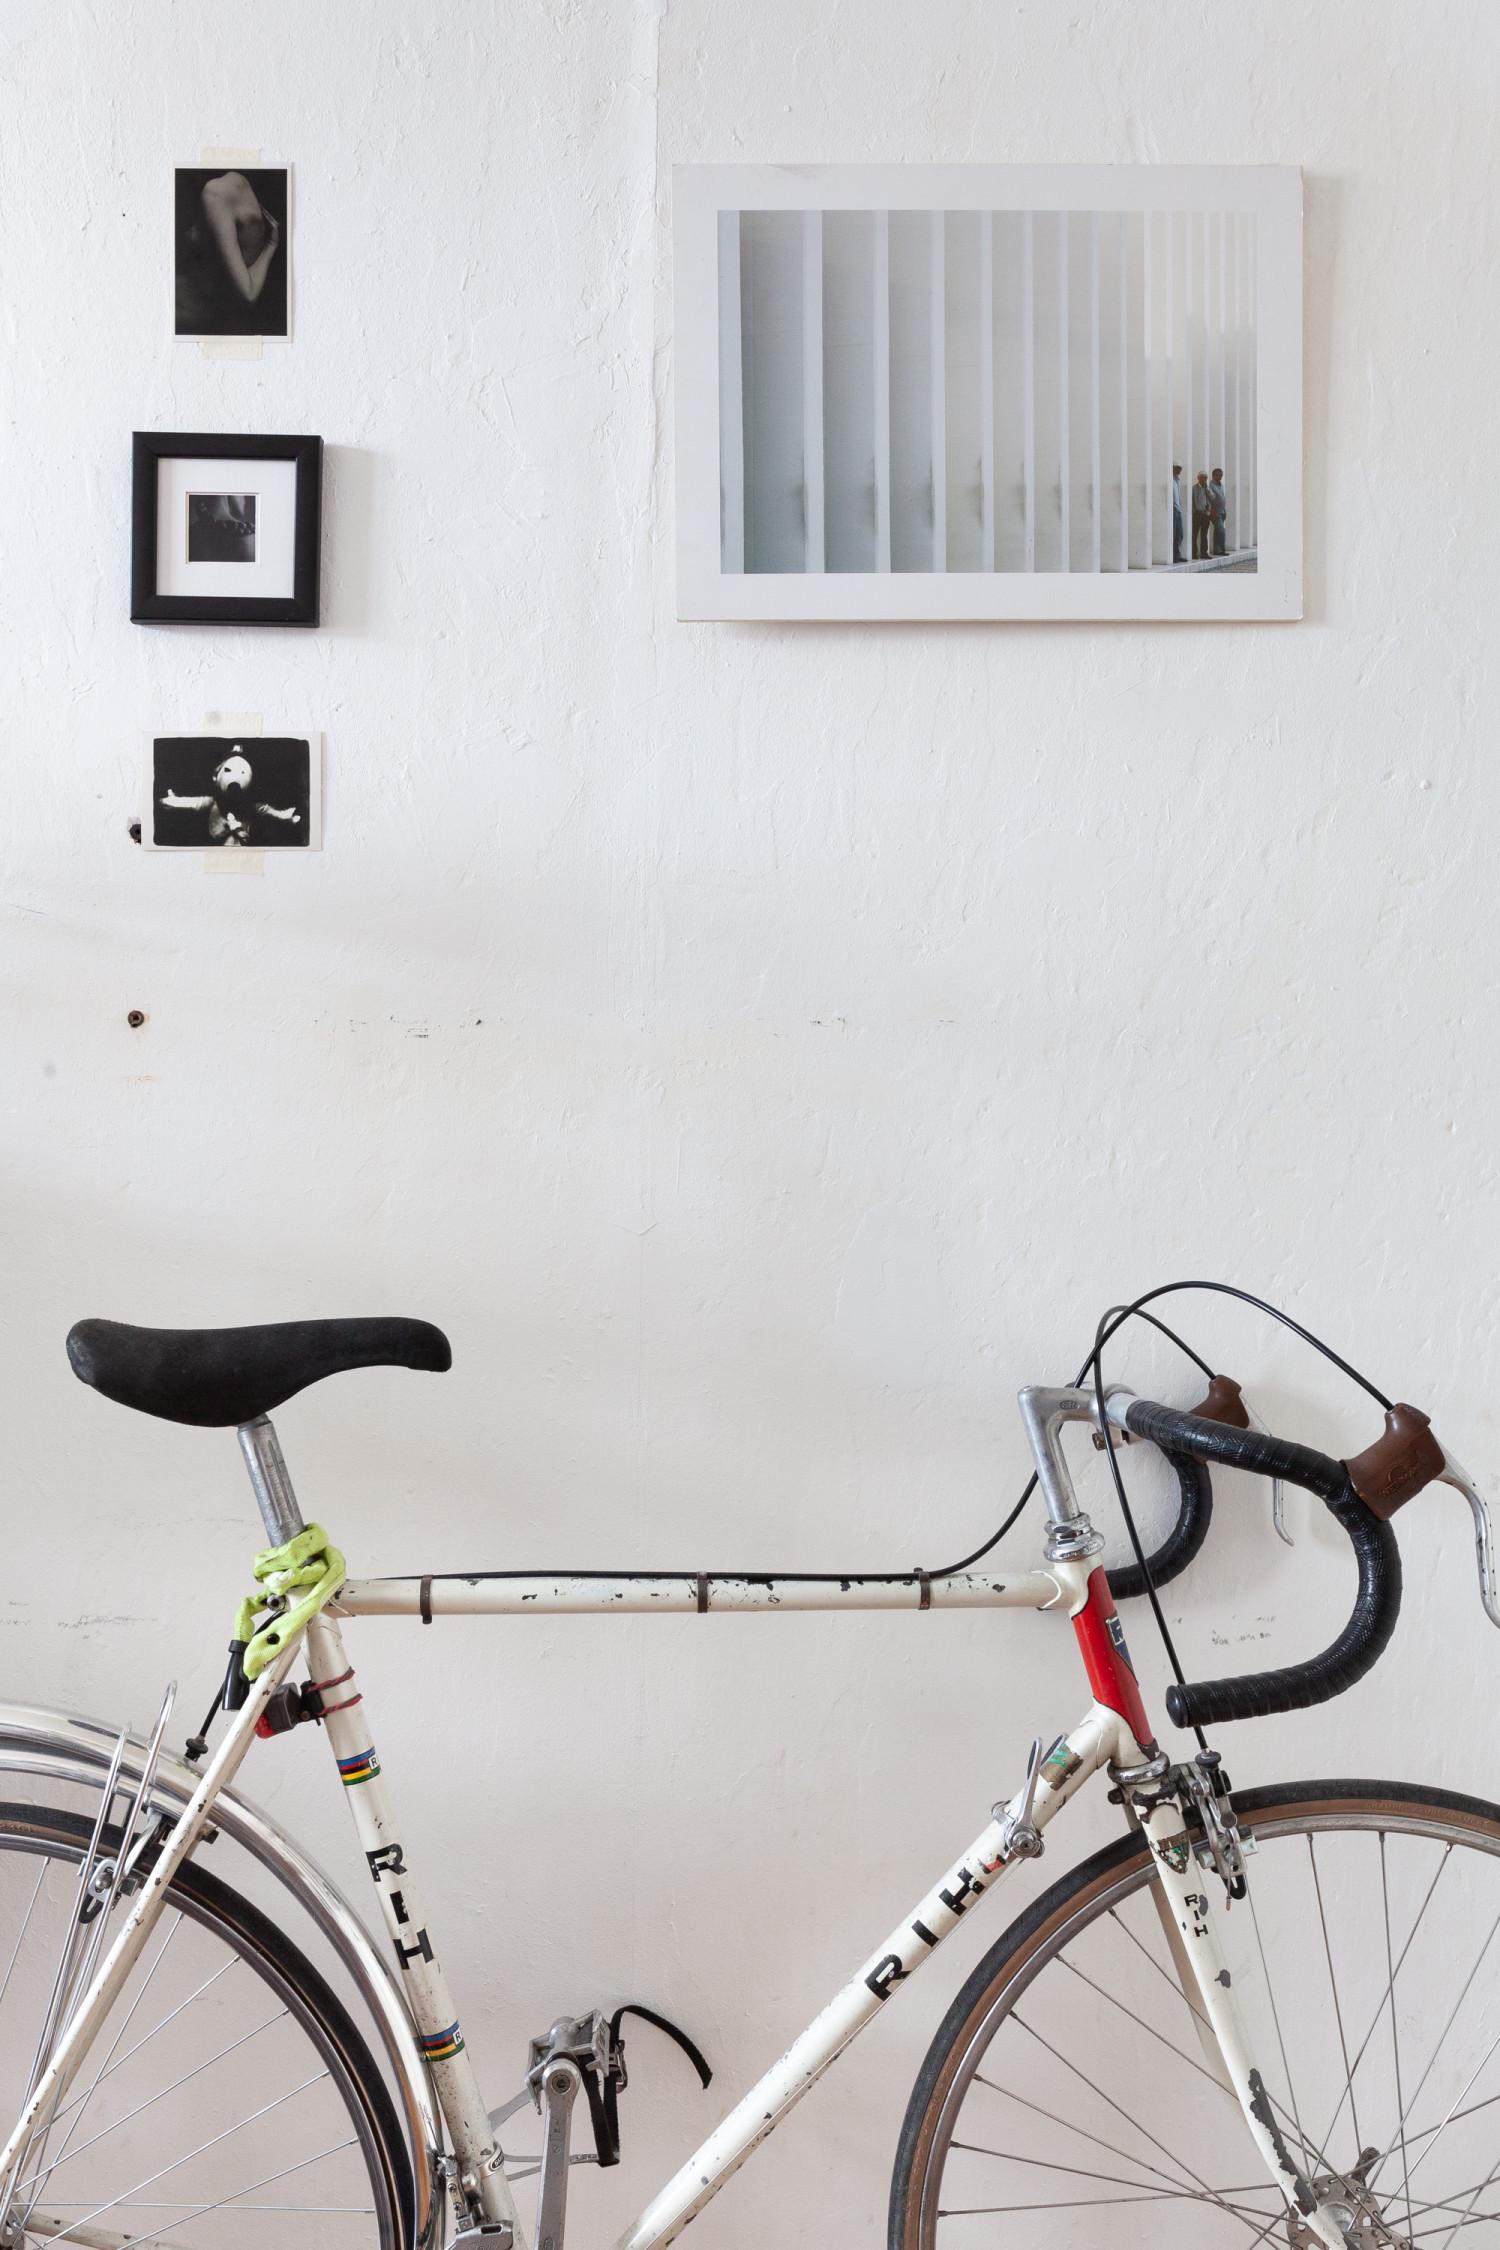 4 года назад я продал свой любимый велосипед, он был с фиксированной передачей и был мне очень дорог, так как собирался с нуля и был единственным и неповторимым. Прошлым летом удалось немного смириться с его потерей и, кажется, найти достойную замену старому другу